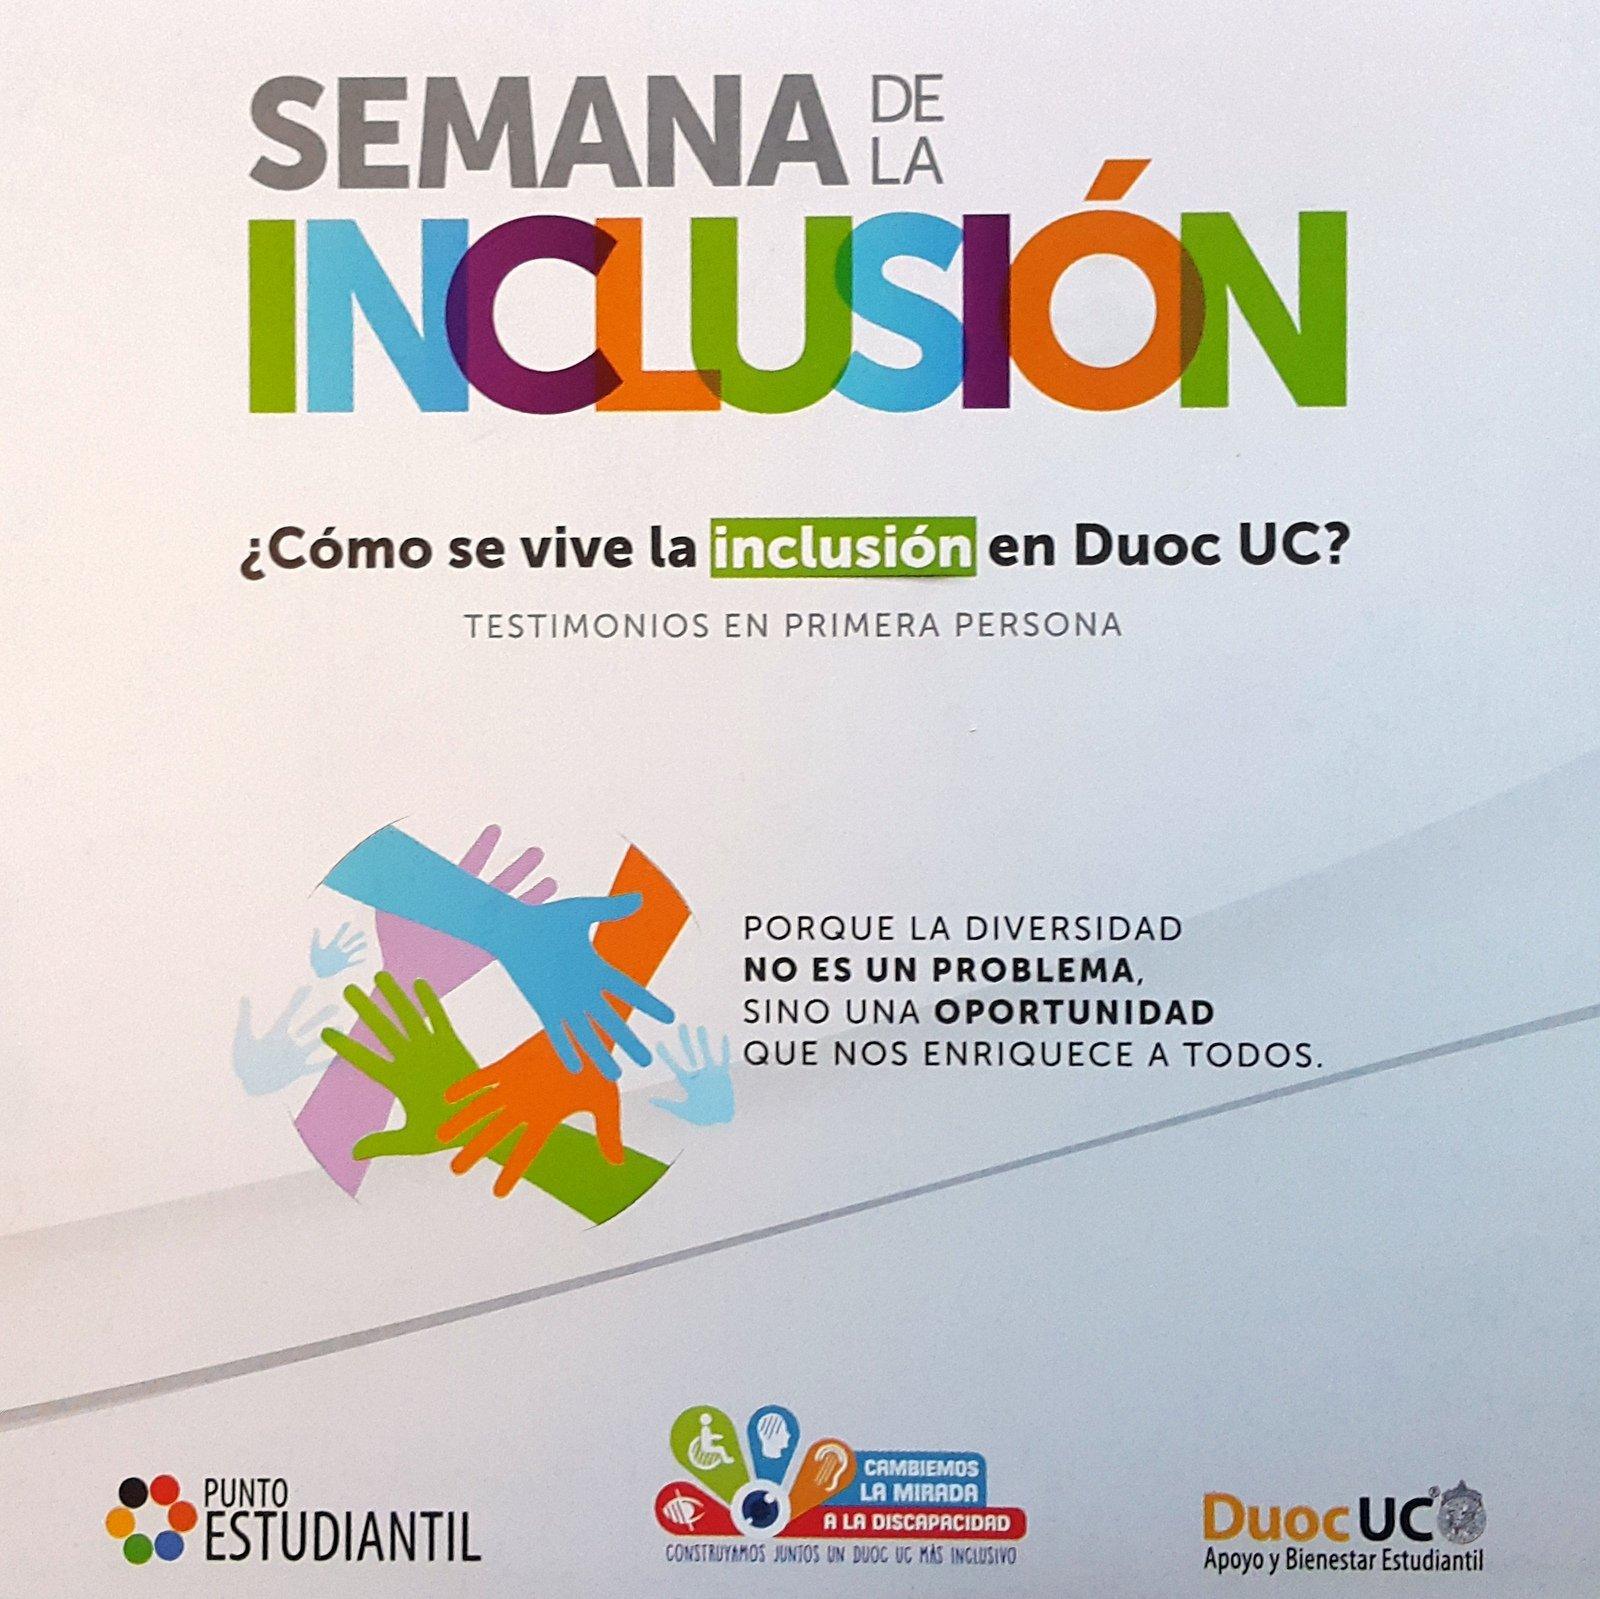 Flyer semana de la inclusión DuocUC